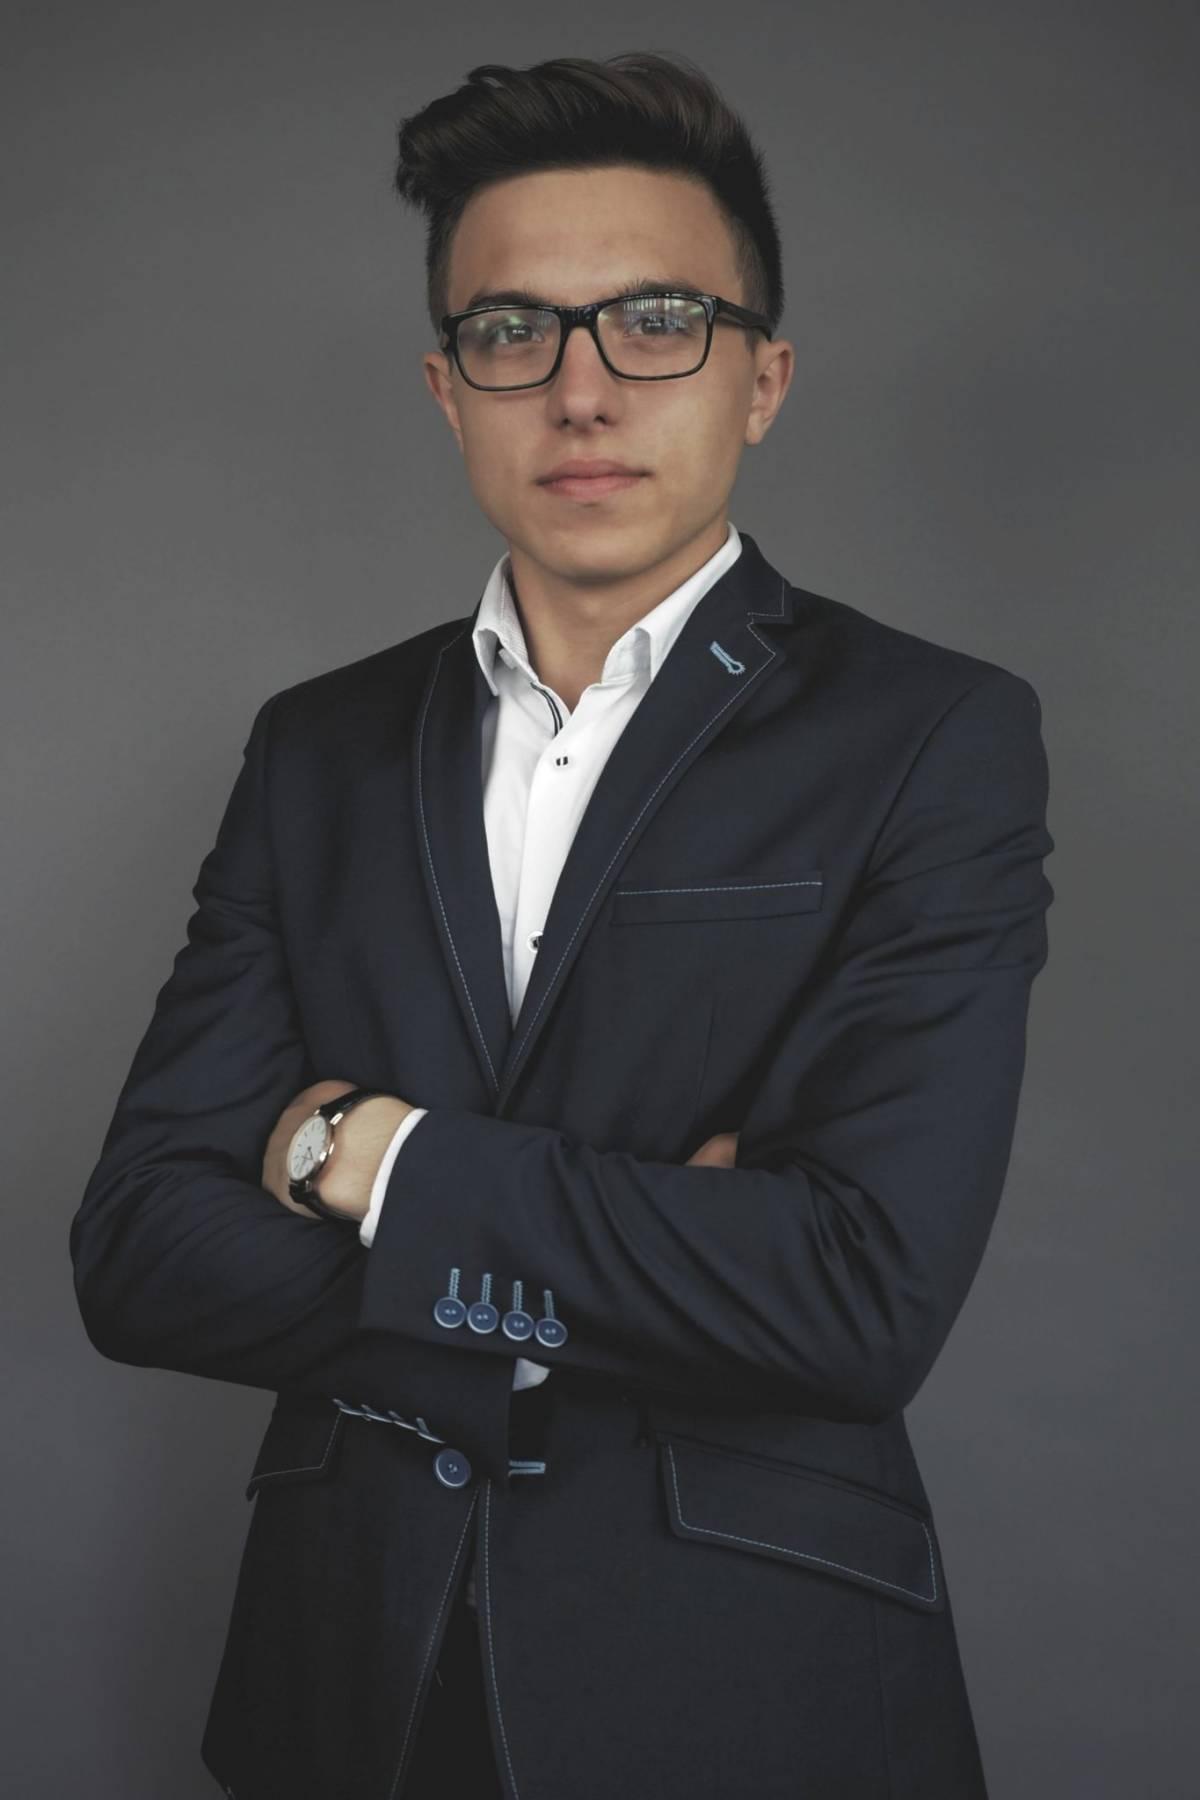 Szymon Jankiewicz, Łódź